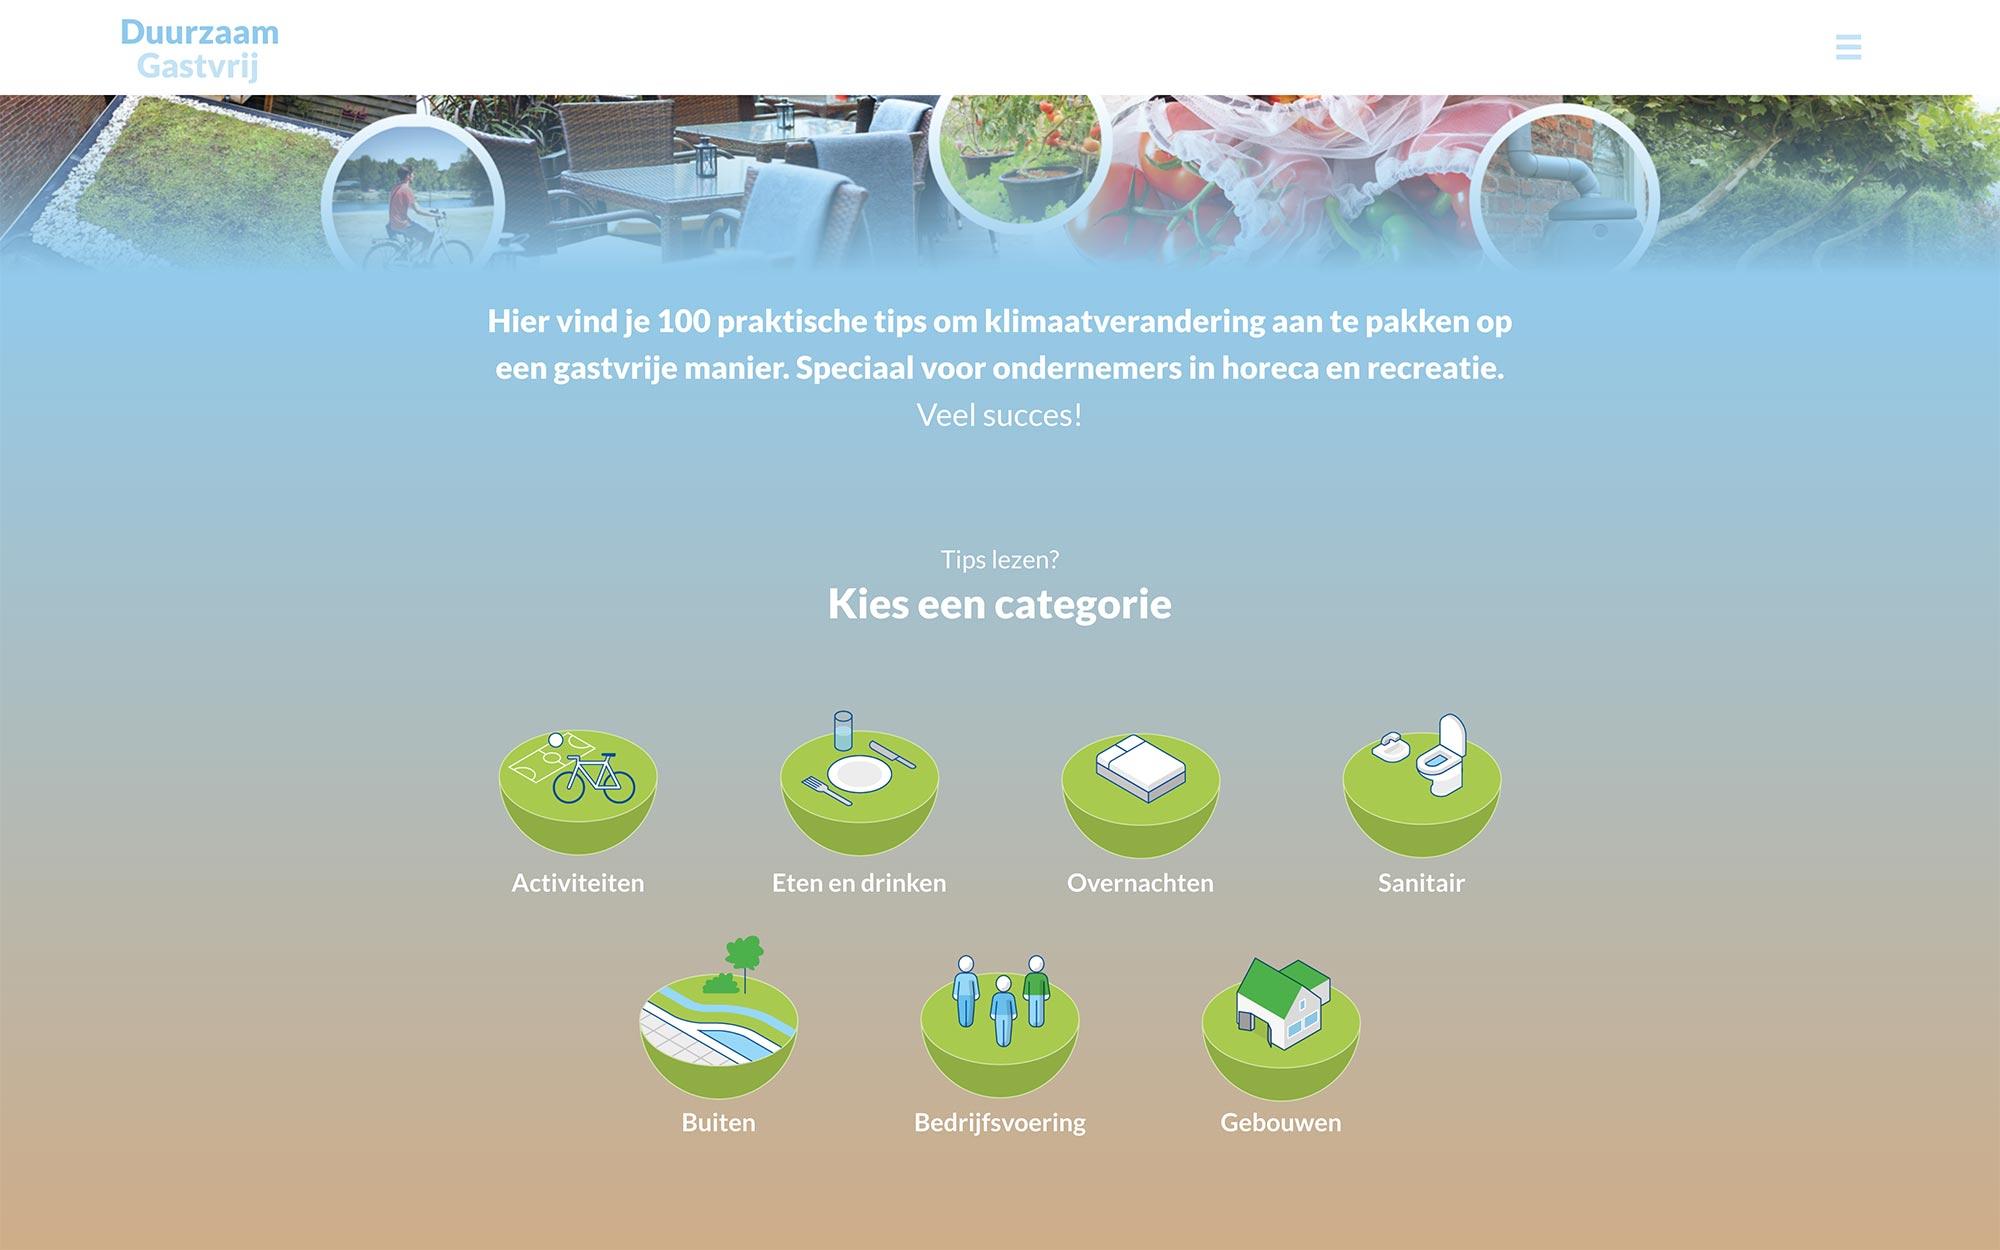 Duurzaam Gastvrij website Een Gezond Leisureklimaat JAgd ontwerp